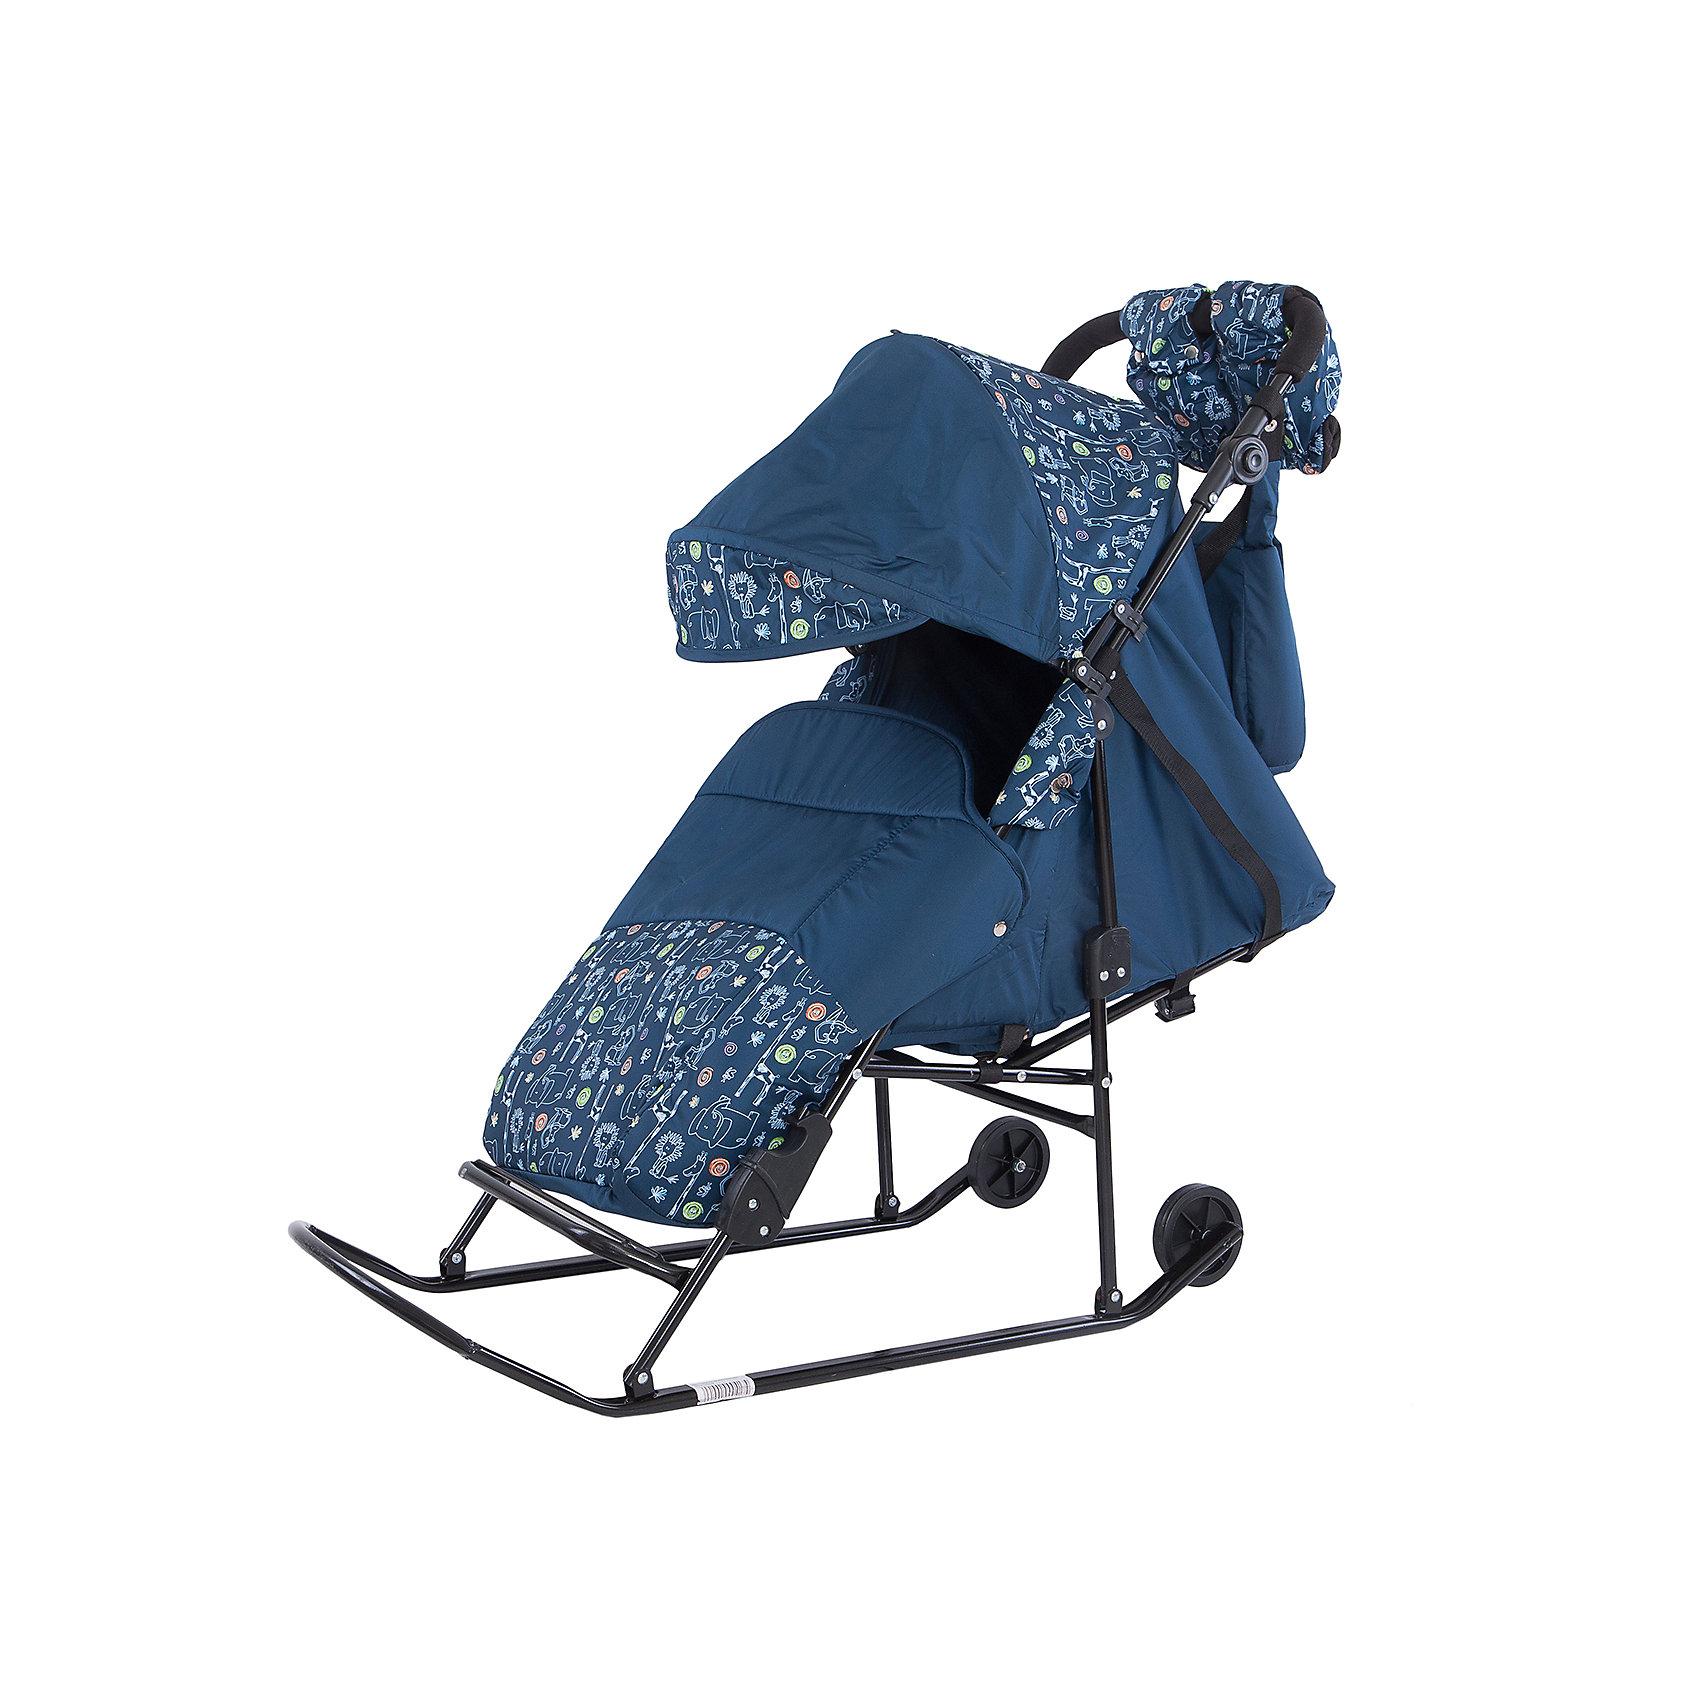 Санки-коляска Зимняя сказка 2В Авто, черная рама, ABC Academy, синий/ЗоопаркХарактеристики:<br><br>• Наименование: санки-коляска<br>• Сезон: зима<br>• Пол: для мальчика<br>• Материал: металл, пластик, текстиль<br>• Цвет: голубой, синий, черный<br>• Предусмотрено 5 положений спинки<br>• Регулируемая подставка для ног<br>• Наличие 2-х колесиков увеличенного диаметра<br>• Сумка в комплекте<br>• Наличие ремней безопасности<br>• Максимально допустимый вес: 25 кг<br>• Дополнительно: муфта для мамы и сумка для детских принадлежностей<br>• Размеры (Д*Ш*В): 70*34*100 см<br>• Вес: 9 кг<br><br>Санки-коляска Зимняя сказка 2В Авто, черная рама, ABC Academy,  синий/Зоопарк от отечественного производителя изготовлены из качественных и безопасных материалов. Конструкция санок выполнена в форме коляски для того, чтобы создать комфортные условия во время зимних прогулок для малышей. Защитный чехол на ножках, широкое сиденье, низкий козырек, непромокаемая и непродуваемая ткань – все это защитит малыша от зимней непогоды. Увеличенное по размерам посадочное место обеспечит свободу движений даже если ребенок будет в меховом конверте. Для удобства передвижения по незаснеженным участкам дороги предусмотрены два колесика на полозьях. Санки-коляска выполнены в стильном цвете я ярким принтом.<br><br>Санки-коляску Зимняя сказка 2В Авто, черная рама, ABC Academy,  синий/Зоопарк можно купить в нашем интернет-магазине.<br><br>Ширина мм: 1200<br>Глубина мм: 466<br>Высота мм: 260<br>Вес г: 9300<br>Возраст от месяцев: 12<br>Возраст до месяцев: 48<br>Пол: Мужской<br>Возраст: Детский<br>SKU: 5168631